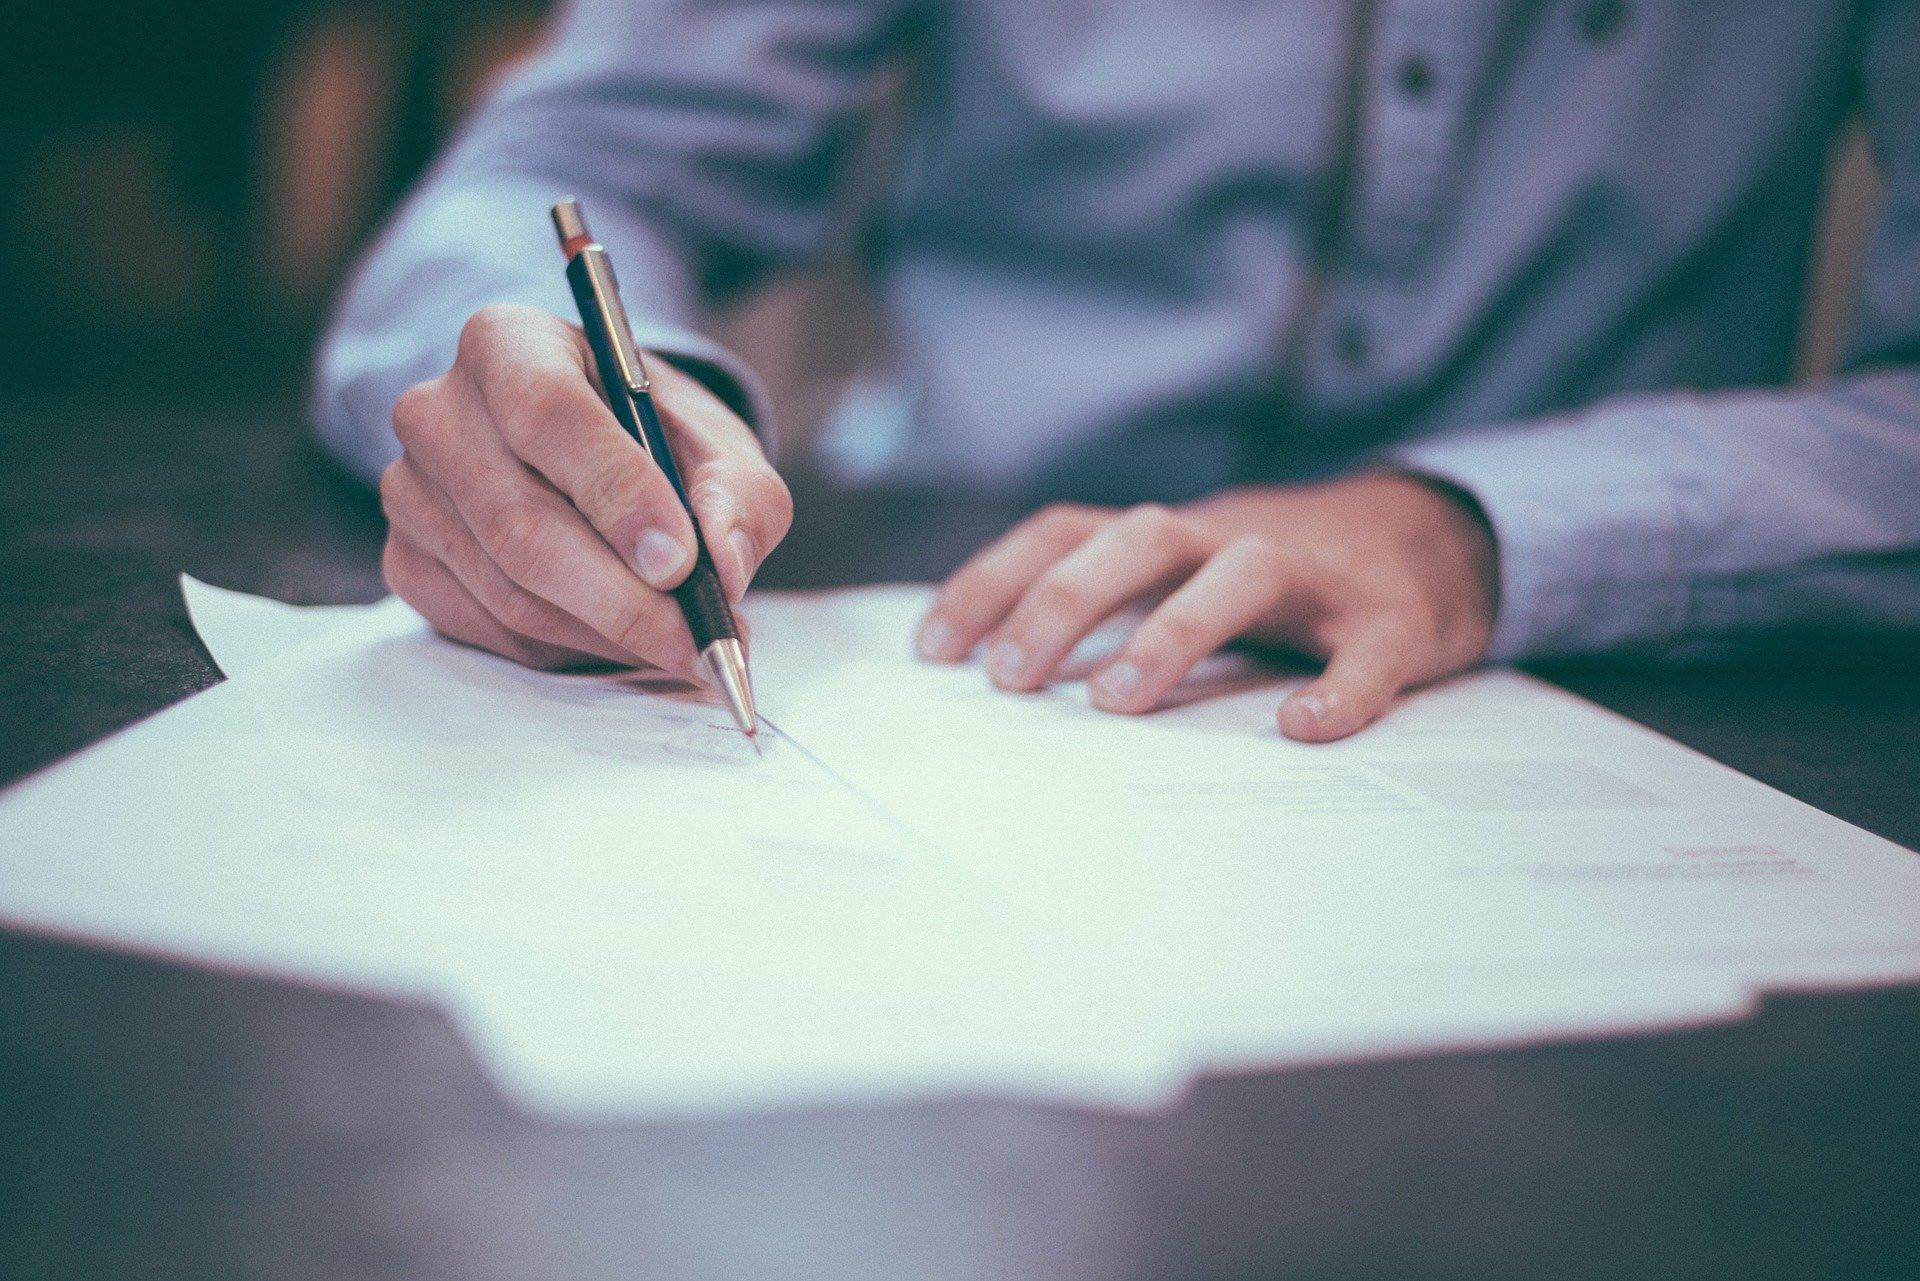 Ярославцы подали более 3,8 тысячи заявок на получение льготной ипотеки